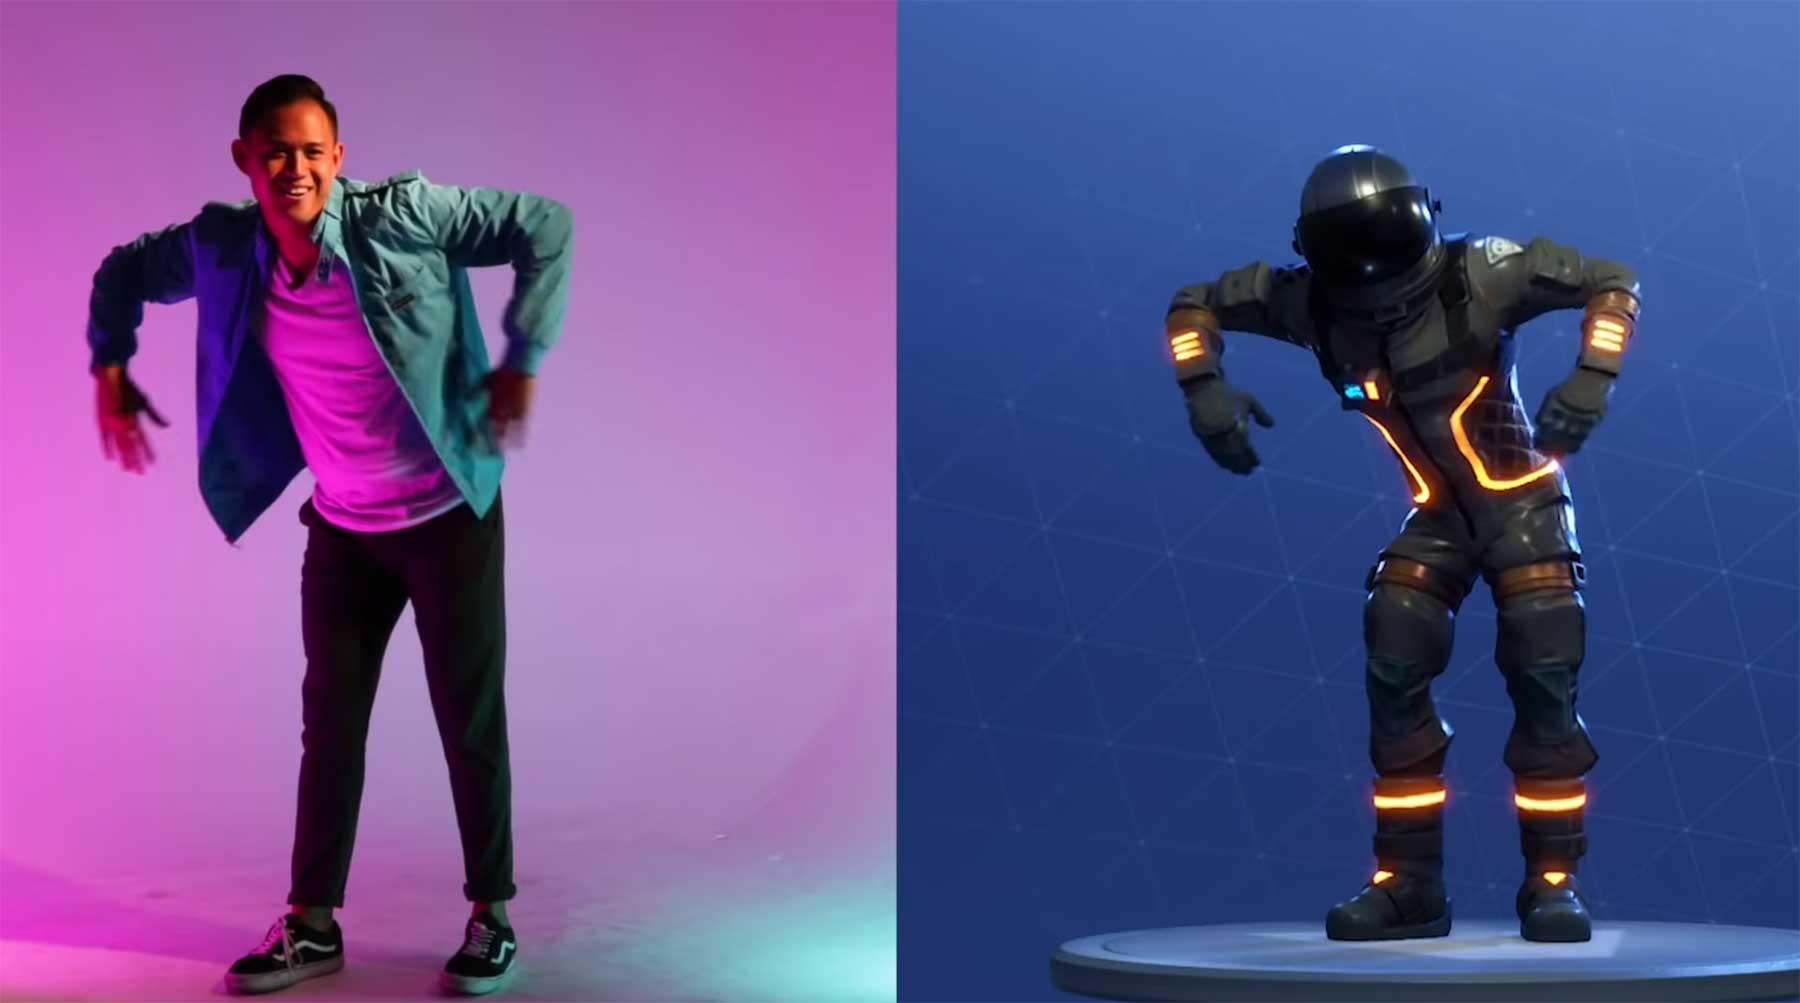 Profi-Tänzer versuchen, die Fortnite-Jubeltänze nachzutanzen profitaenzer-machen-fortnite-moves-nach